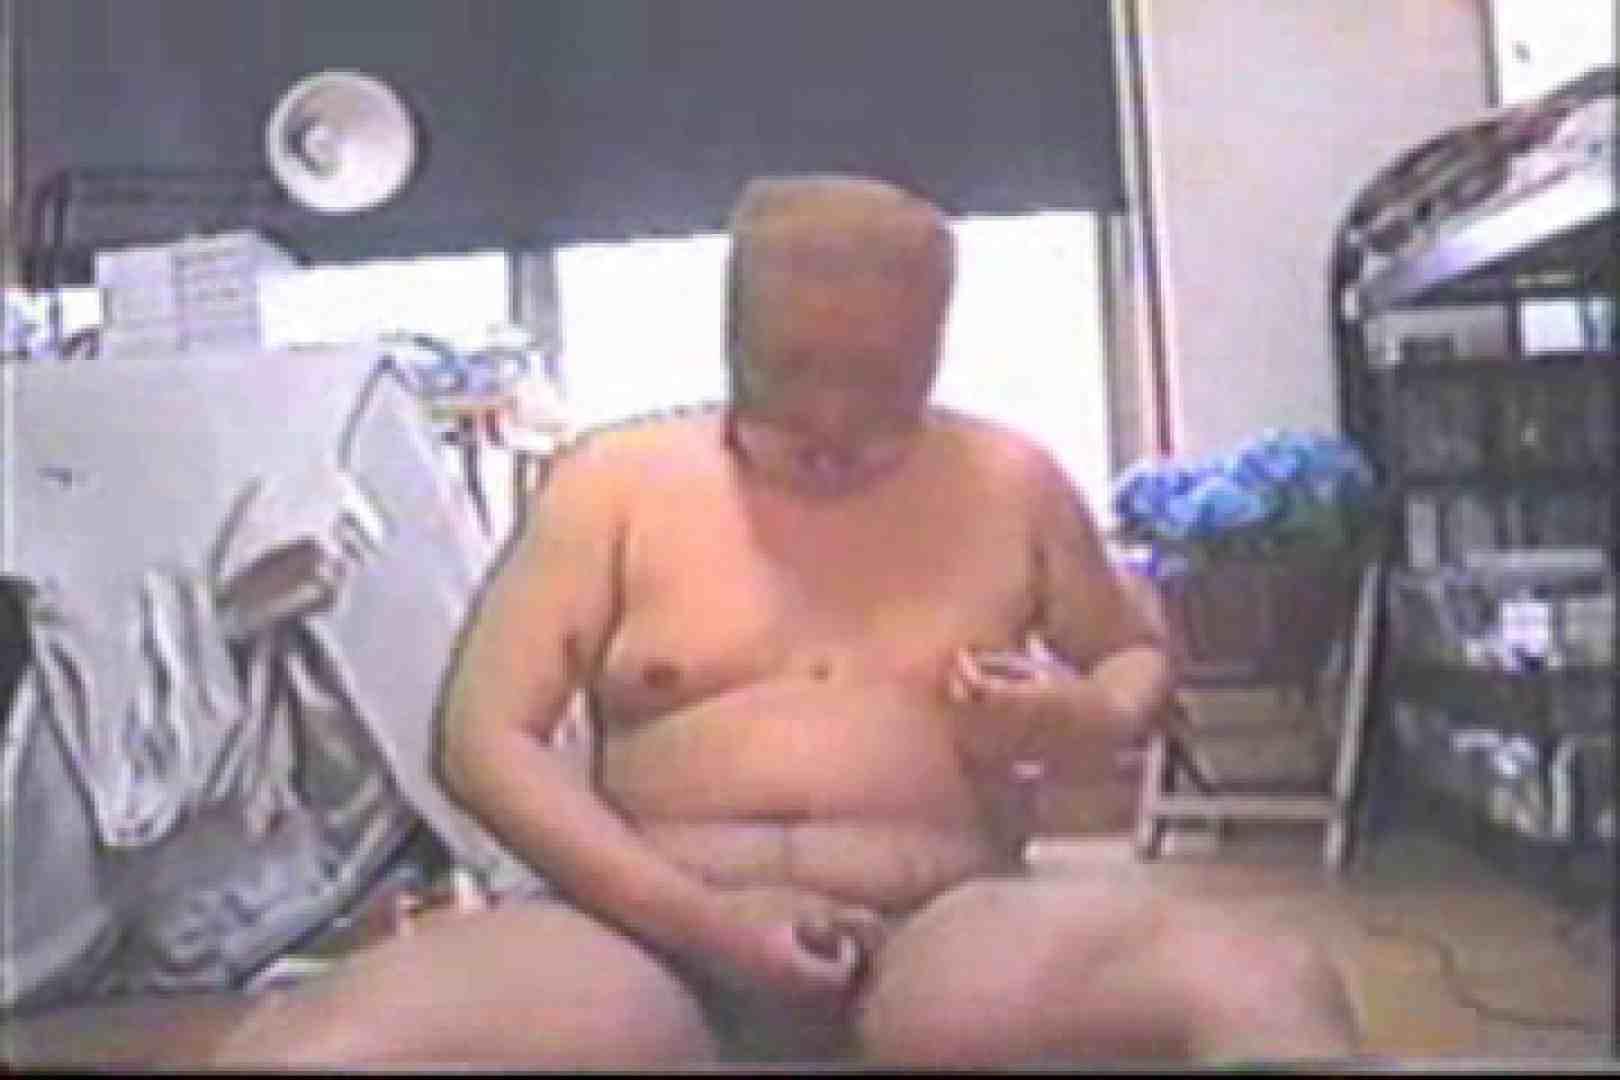 【実録】パンスト仮面は真性包茎!!Hなぽっちゃりカップル カップル GAY無修正エロ動画 87枚 40